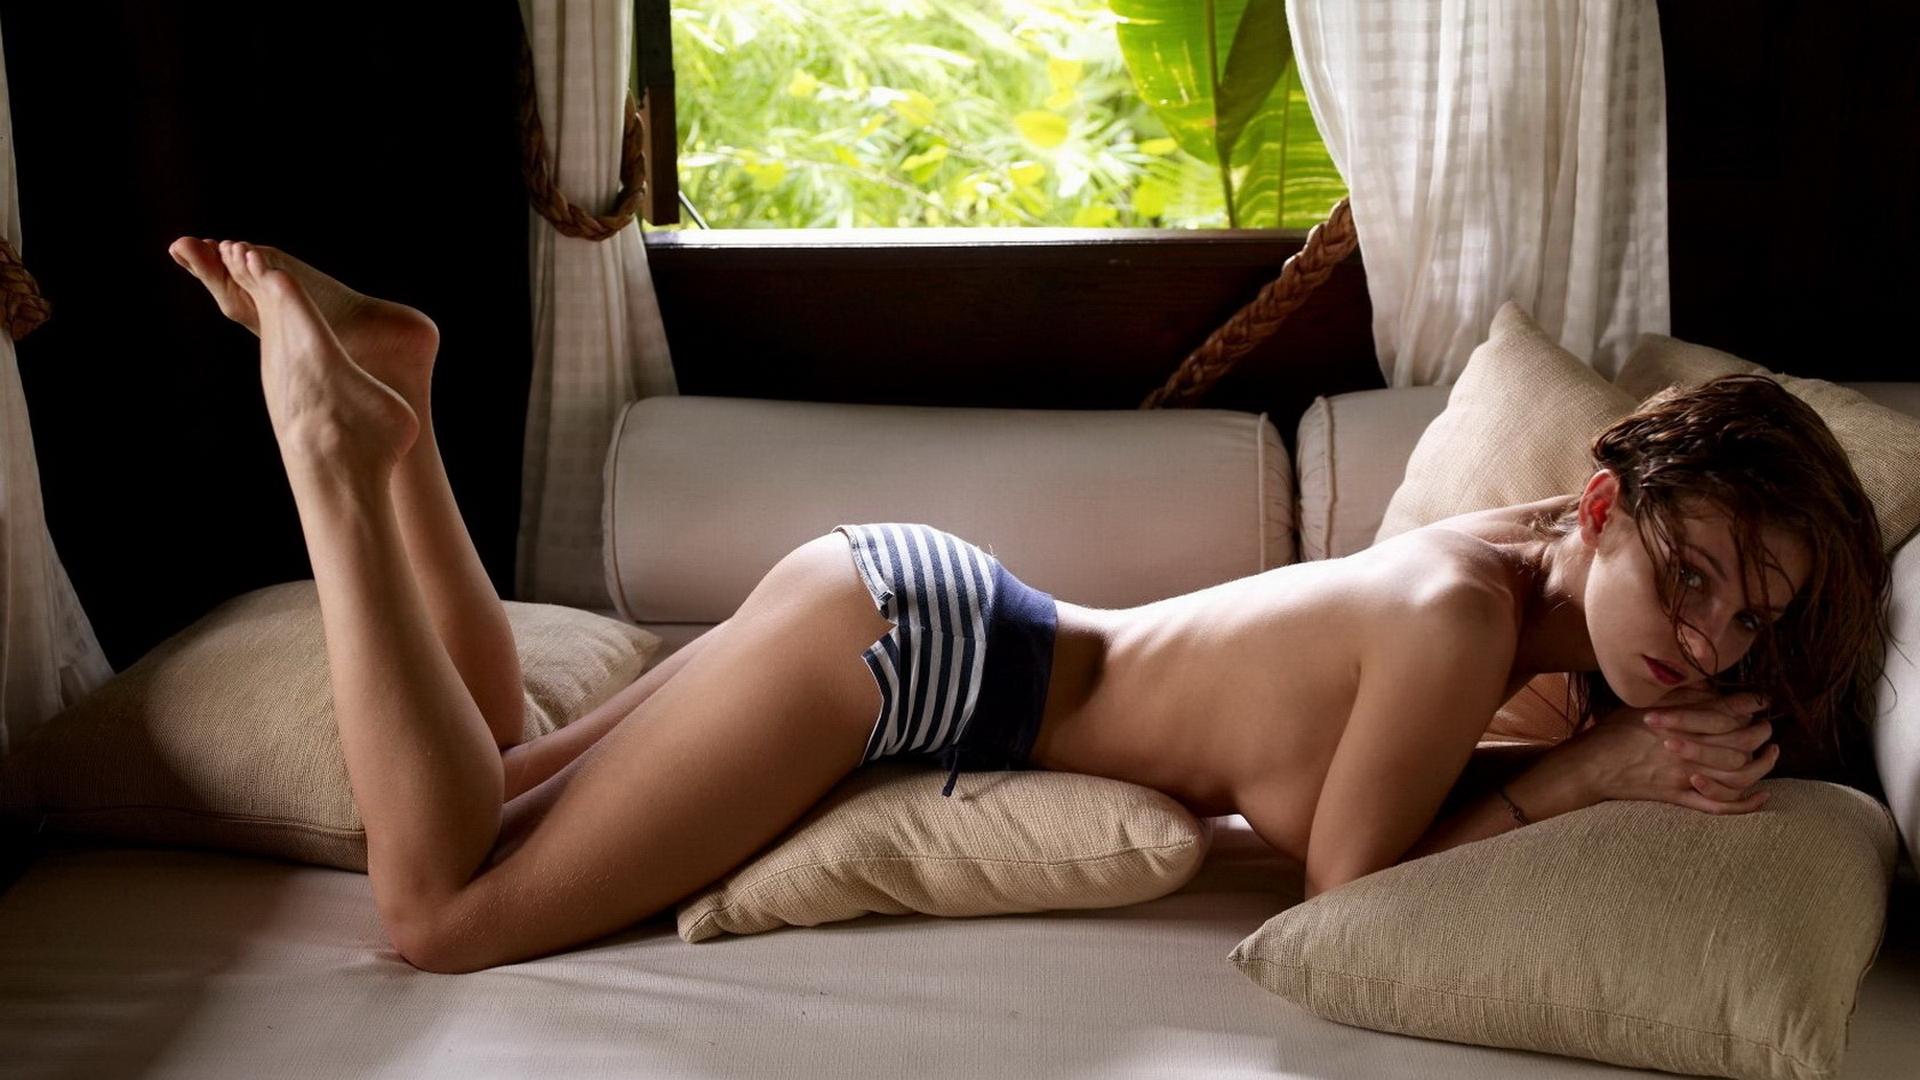 lezha-na-zhivote-hd-porno